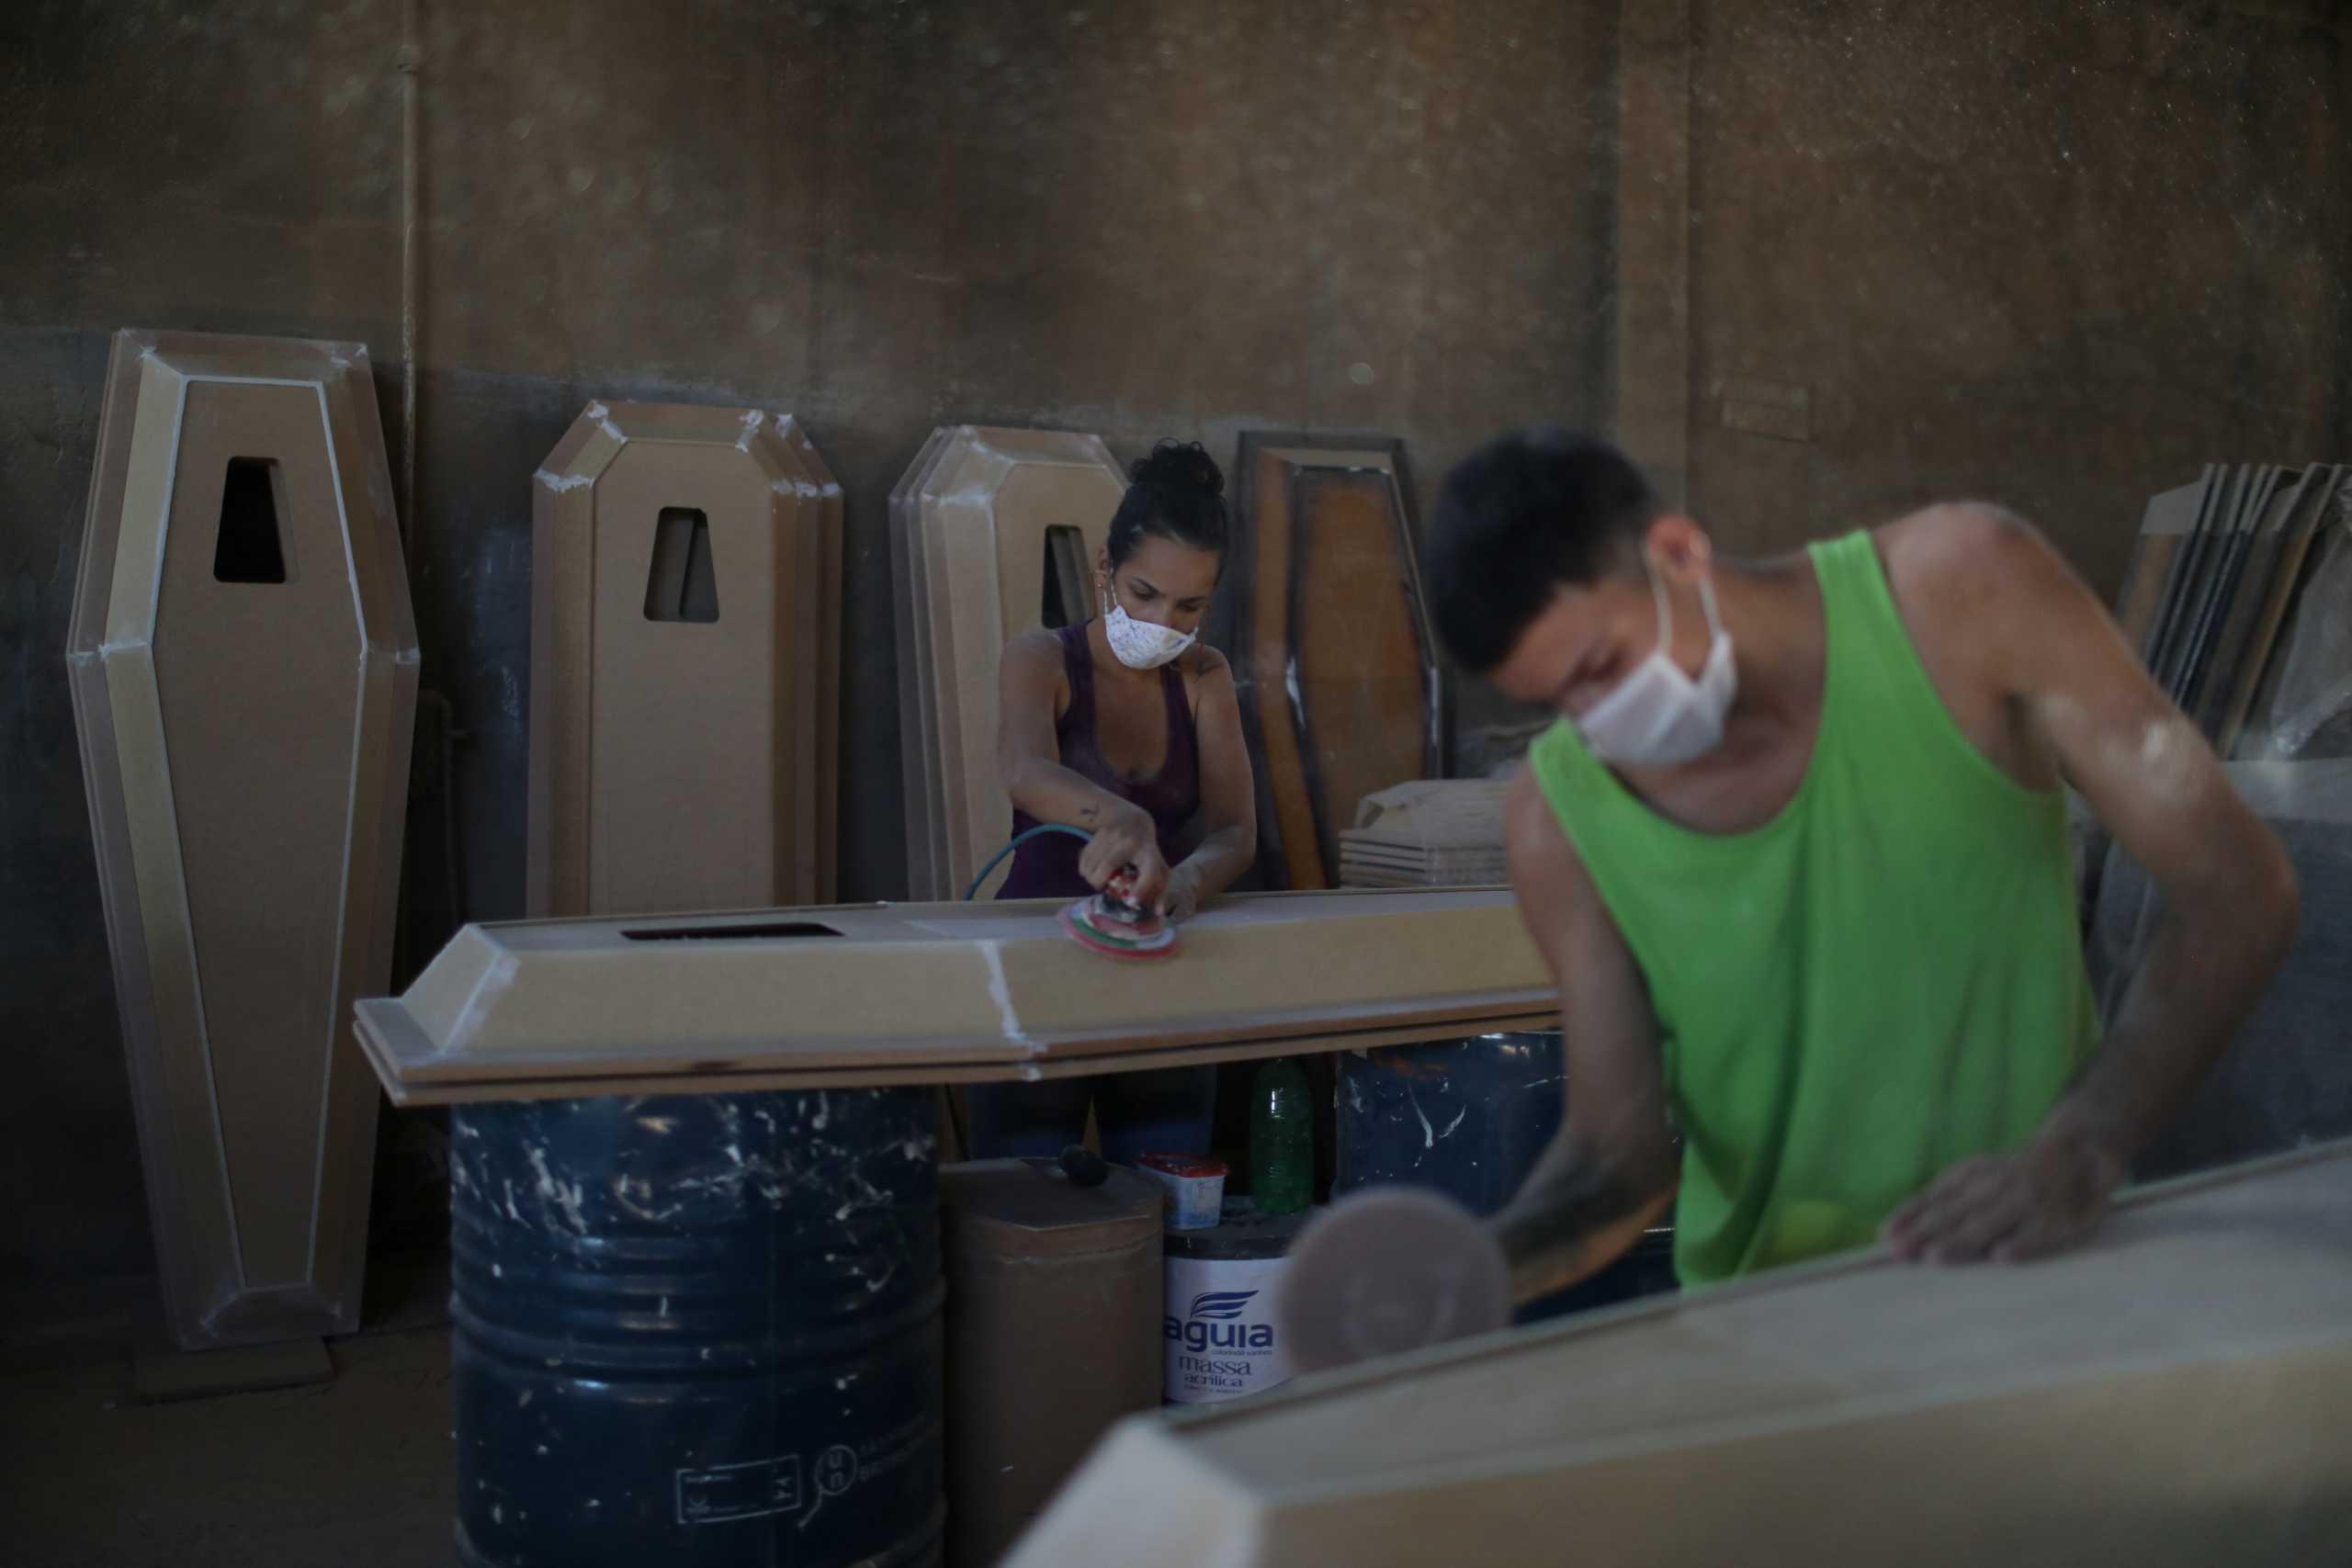 Ασταμάτητος ο κορονοϊός στην Βραζιλία: 72.140 κρούσματα σε ένα 24ωρο